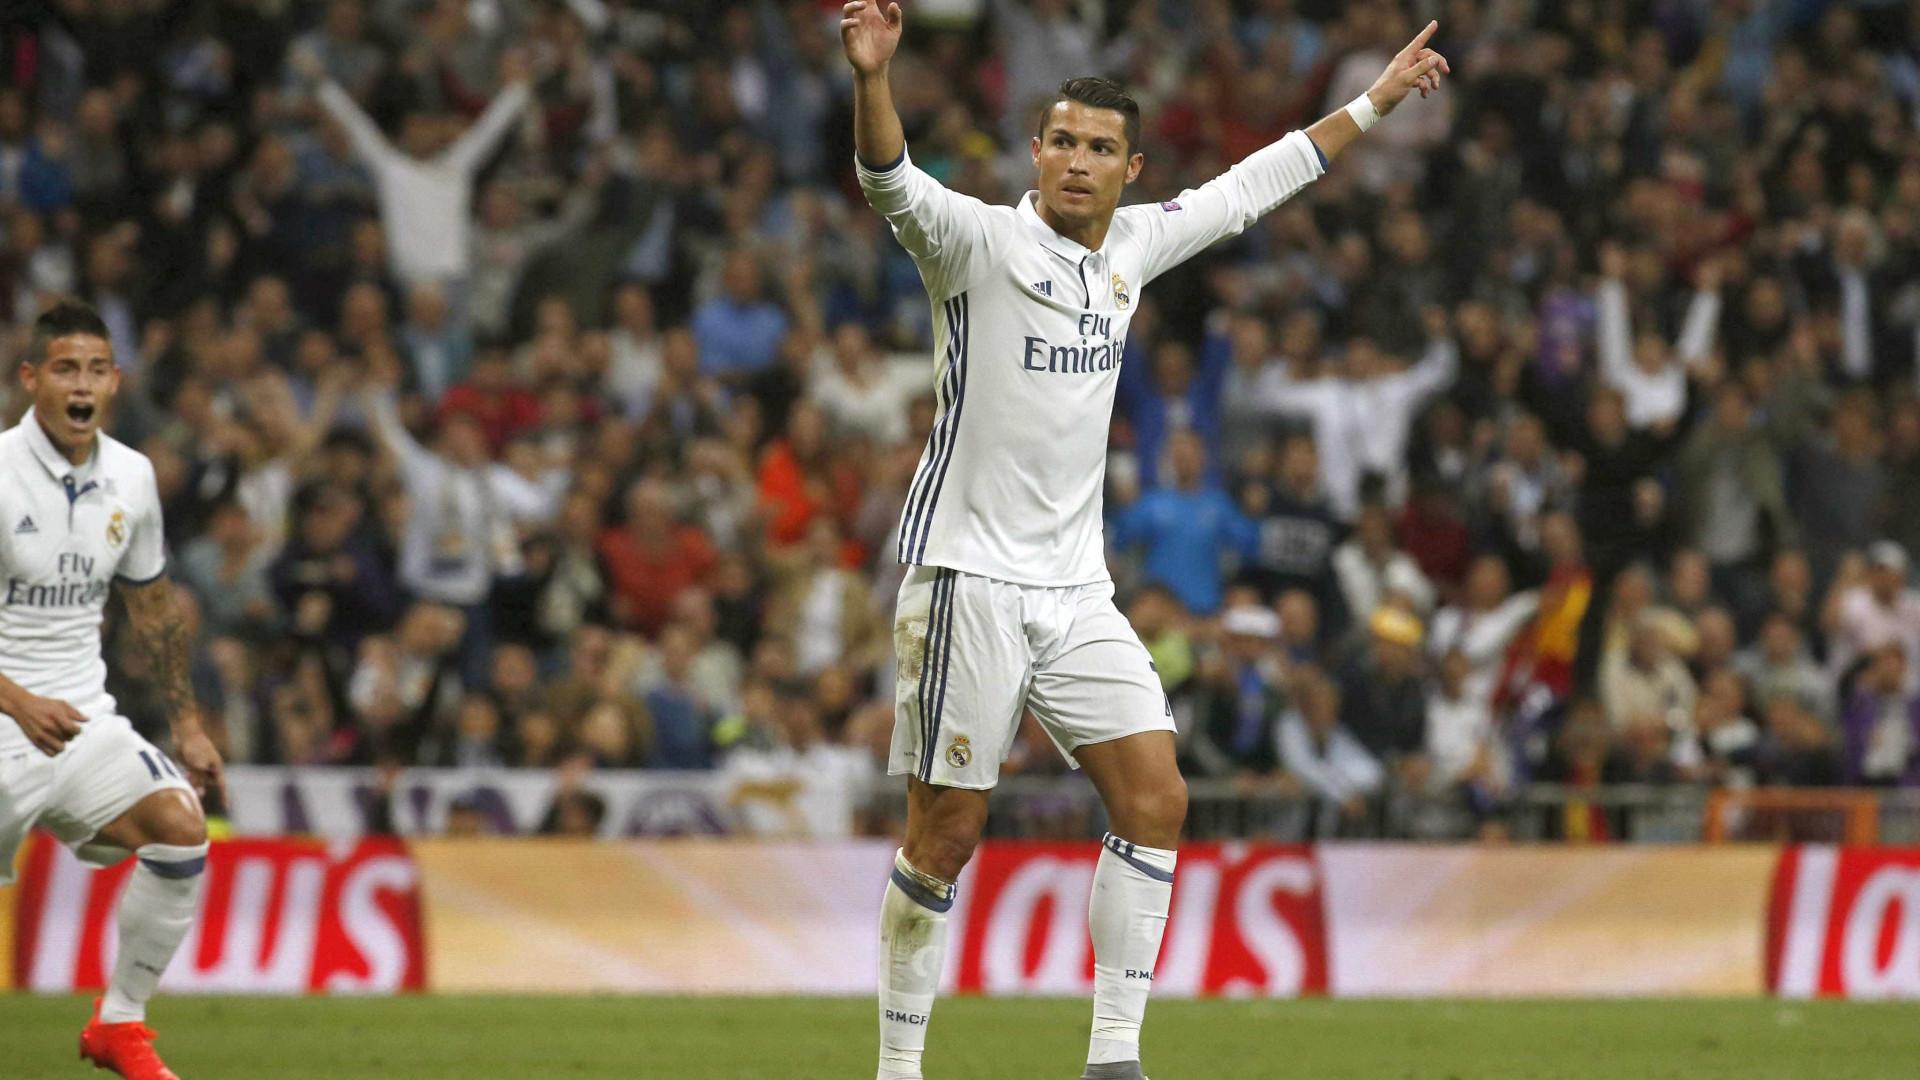 Notícias ao Minuto - Cristiano Ronaldo entre os candidatos a melhor ... 1dfadd3581d59